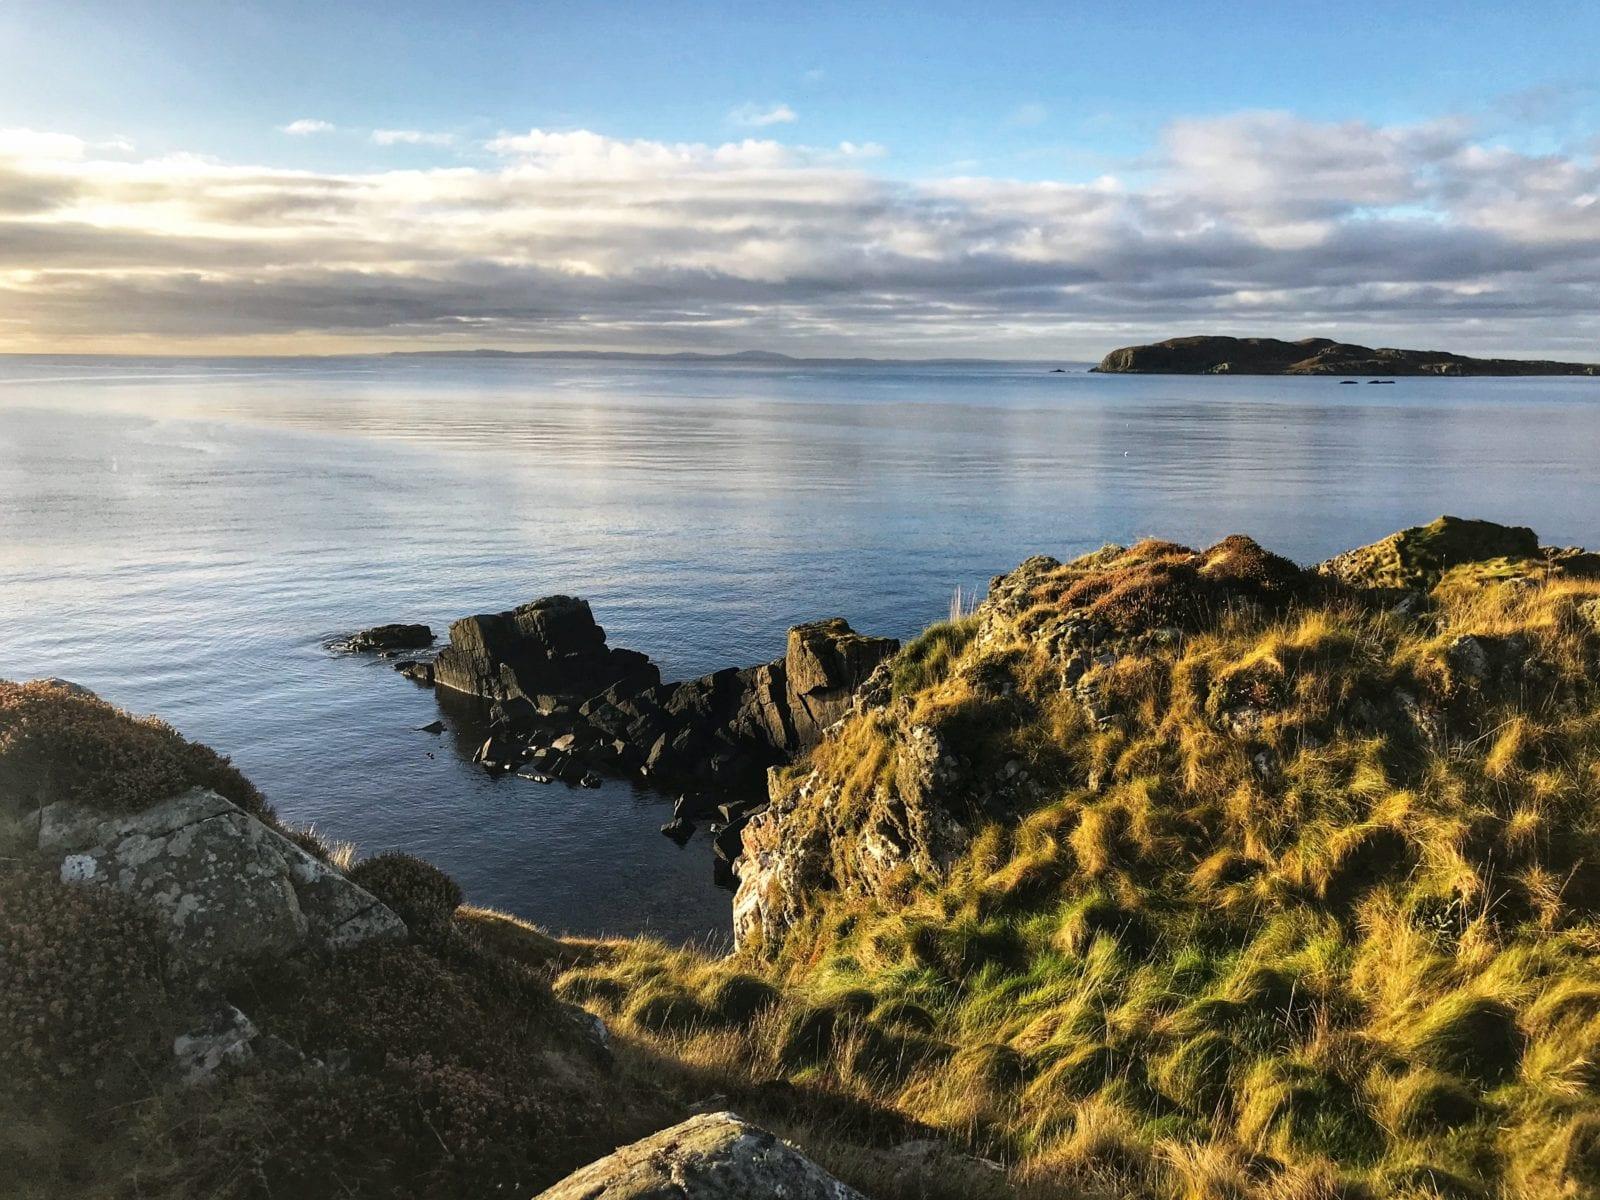 Breaks in Isle of Islay - Coastline of the Isle of Islay, Scotland, UK HR